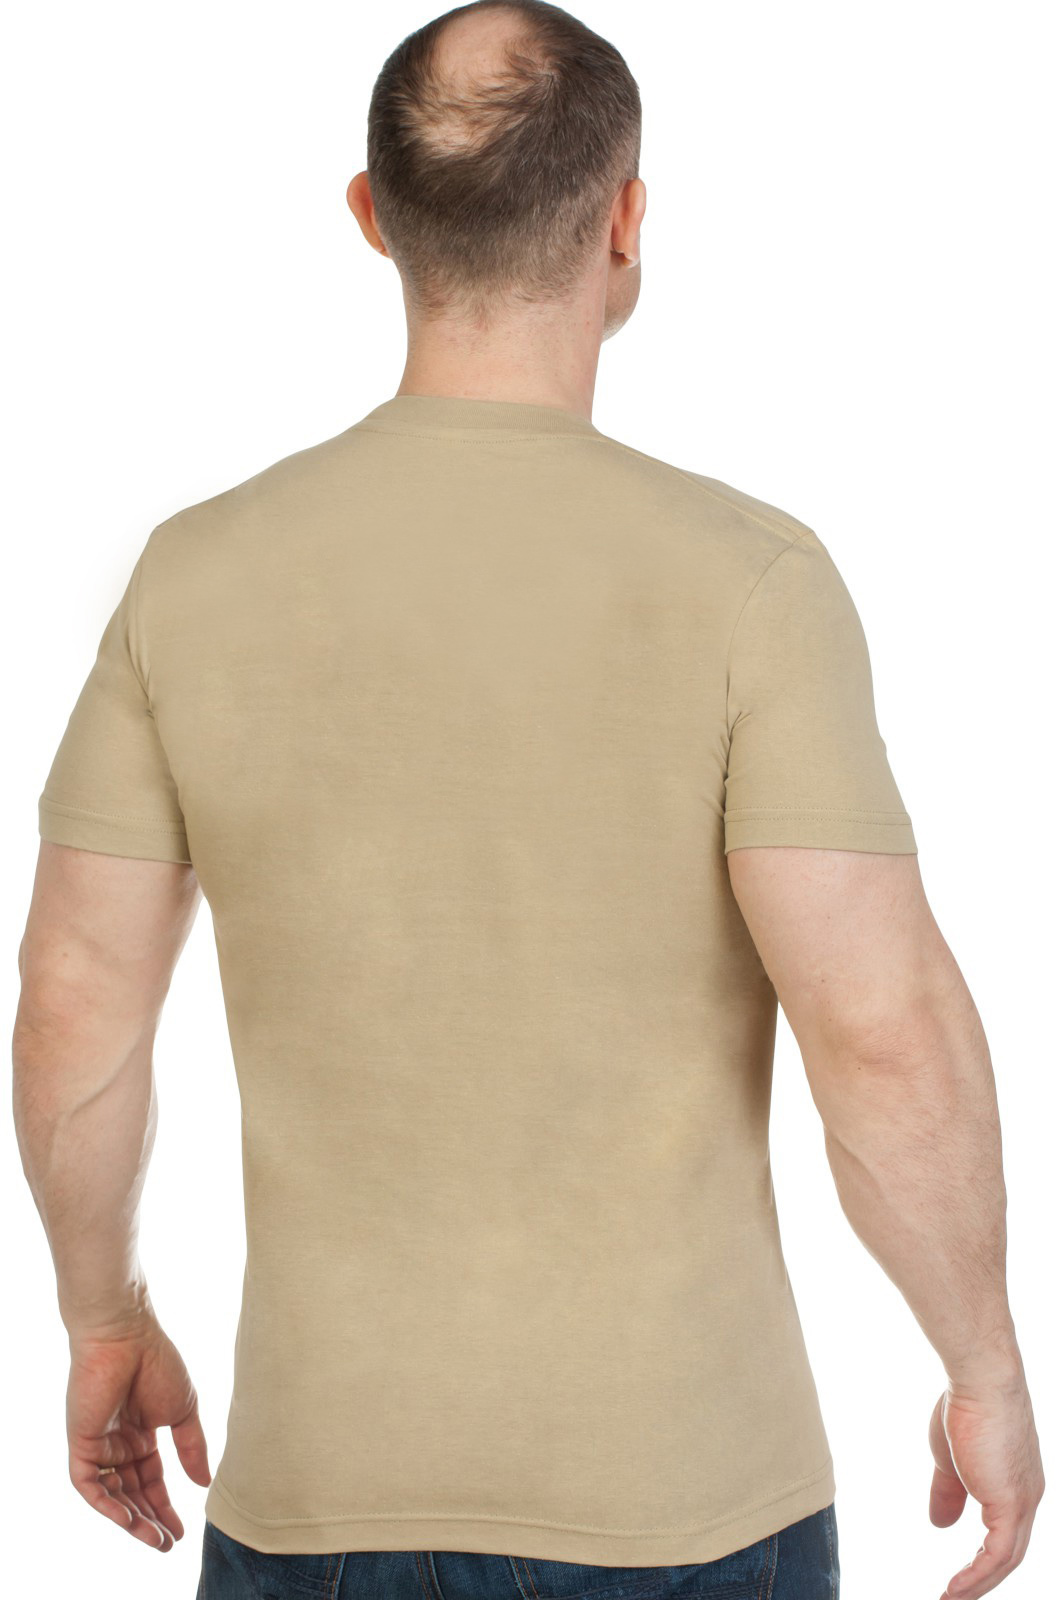 Трикотажная мужская футболка с вышитым шевроном Охотничьи Войска - купить онлайн